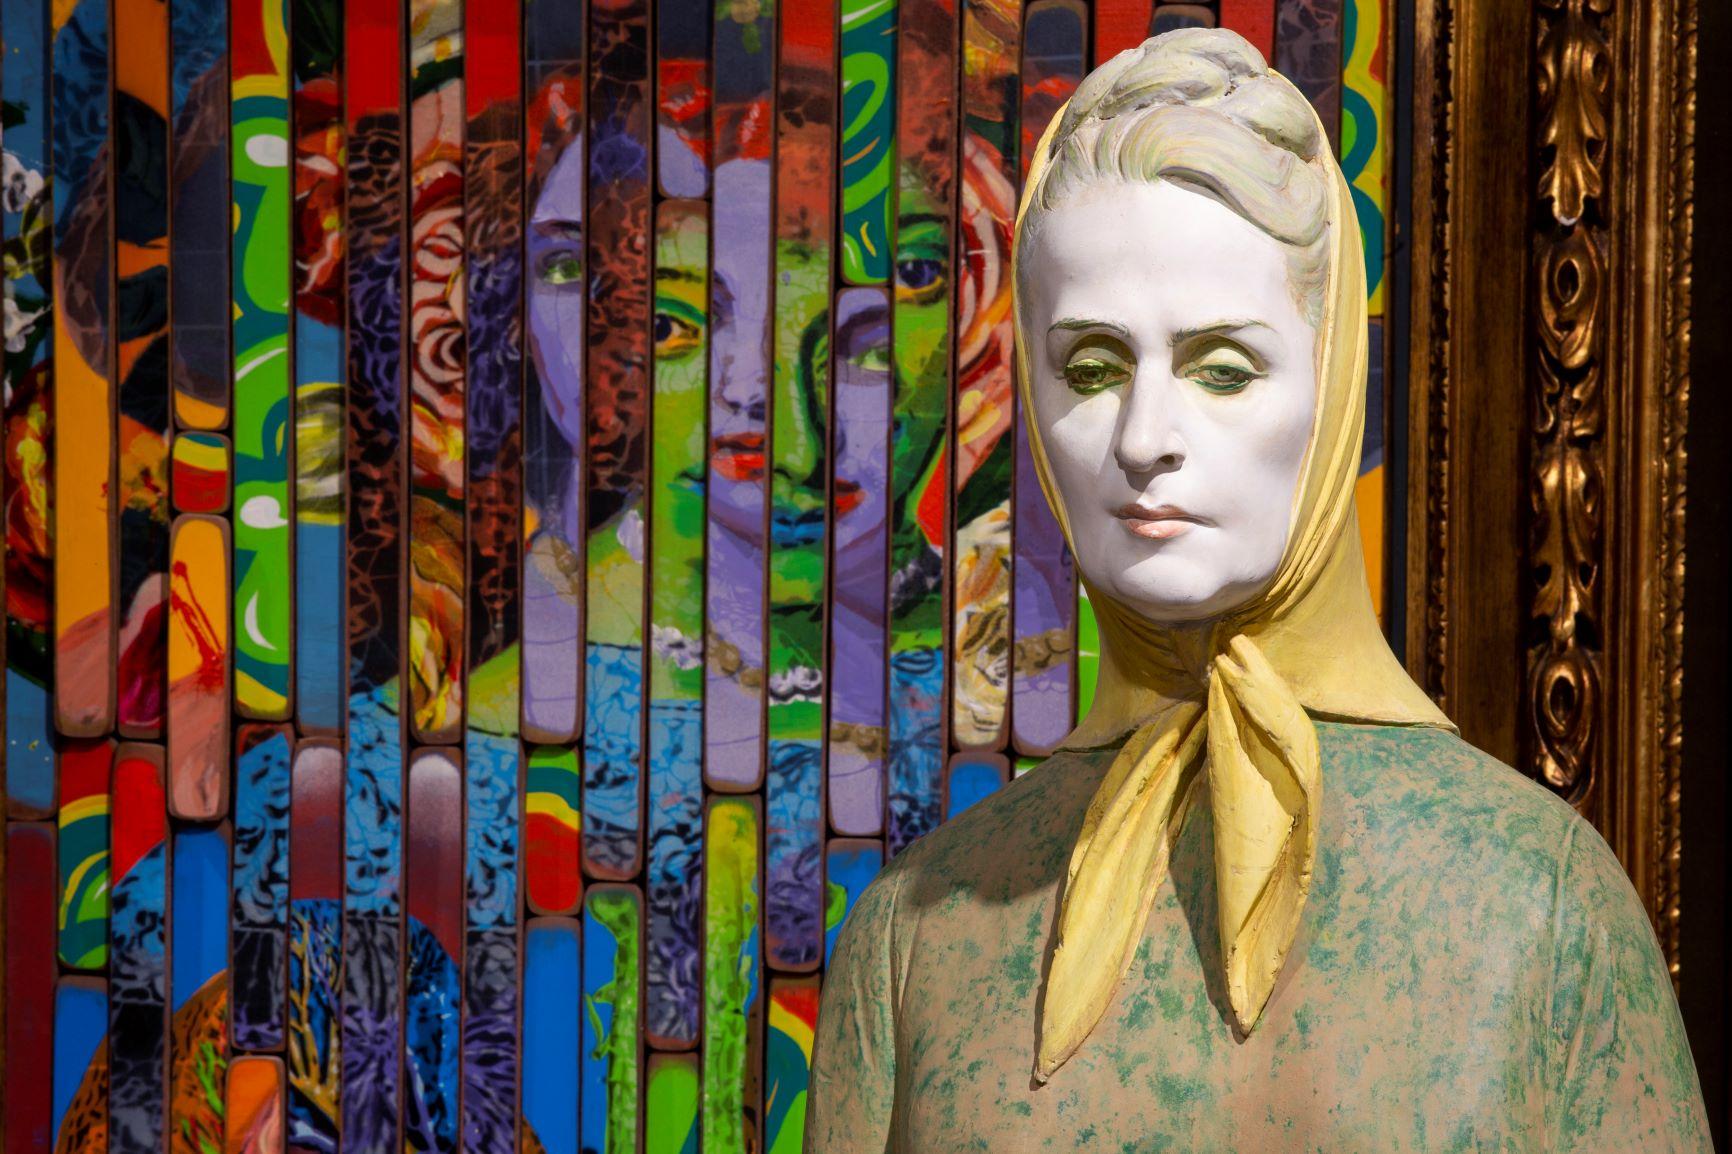 INSIDE: la prima personale in un museo per Orticanoodles. Nuove visioni intimiste e provocatorie